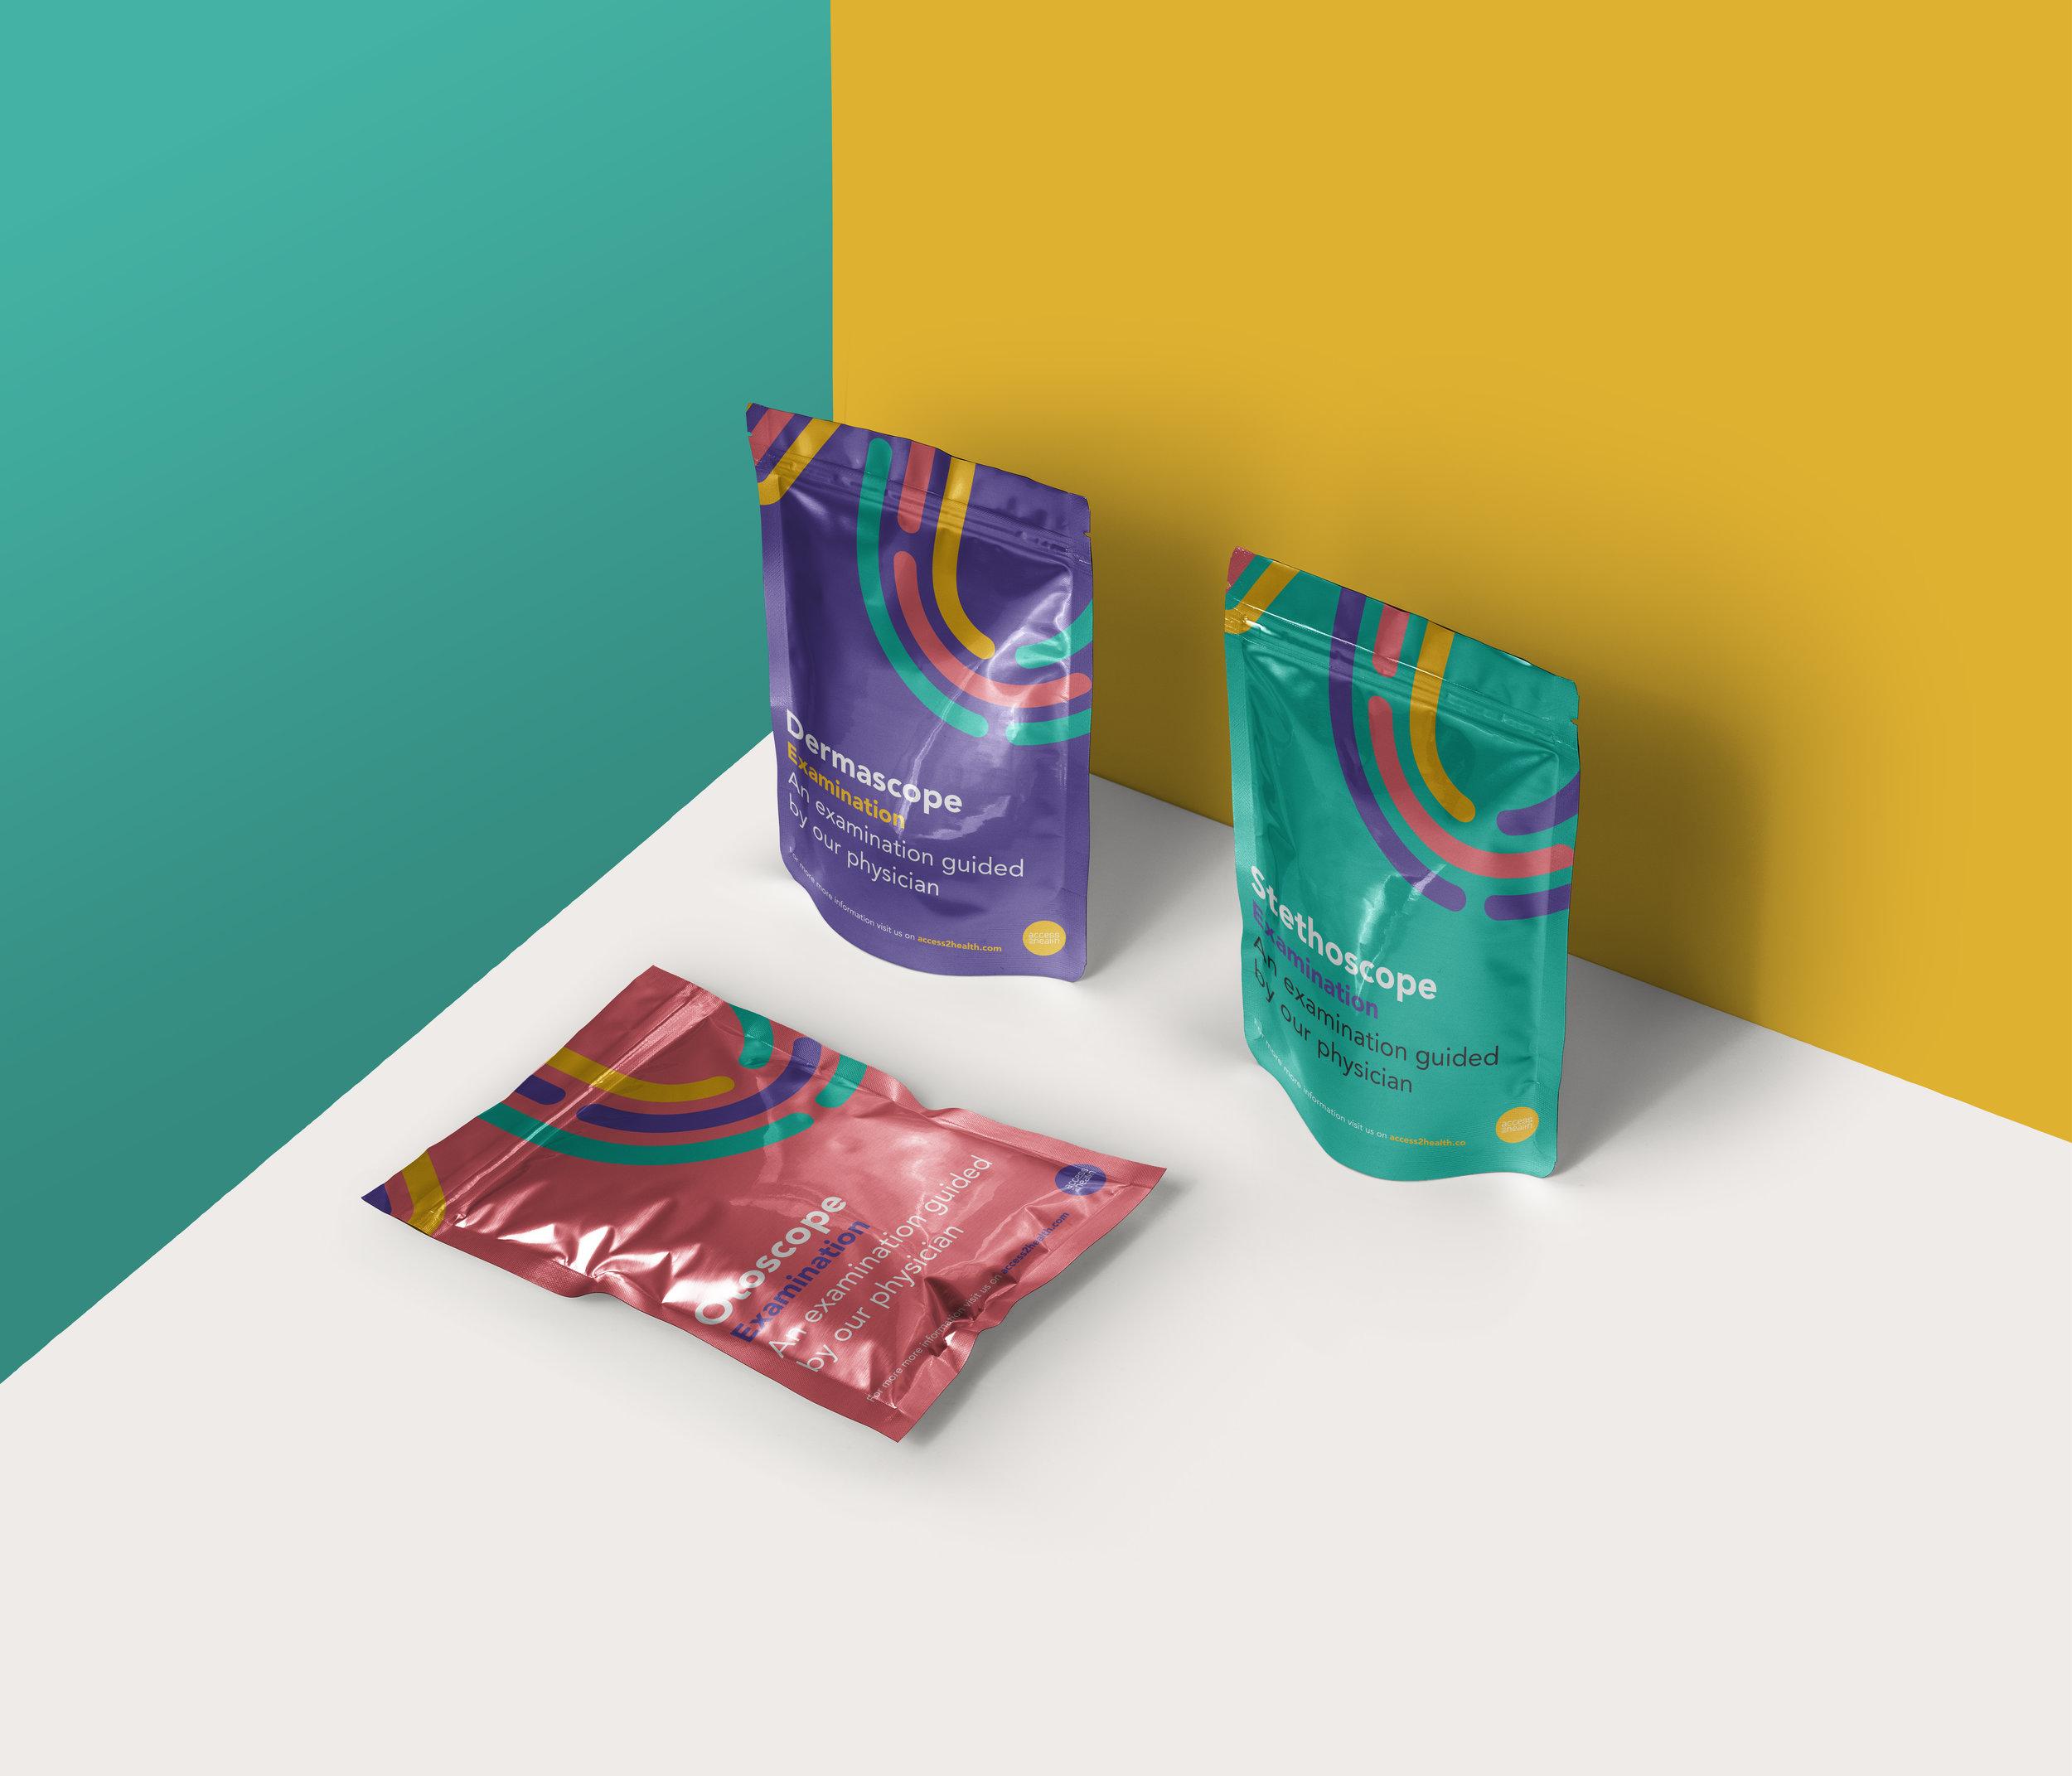 Aluminium-Foil-Packaging-Mockup-vol2.jpg